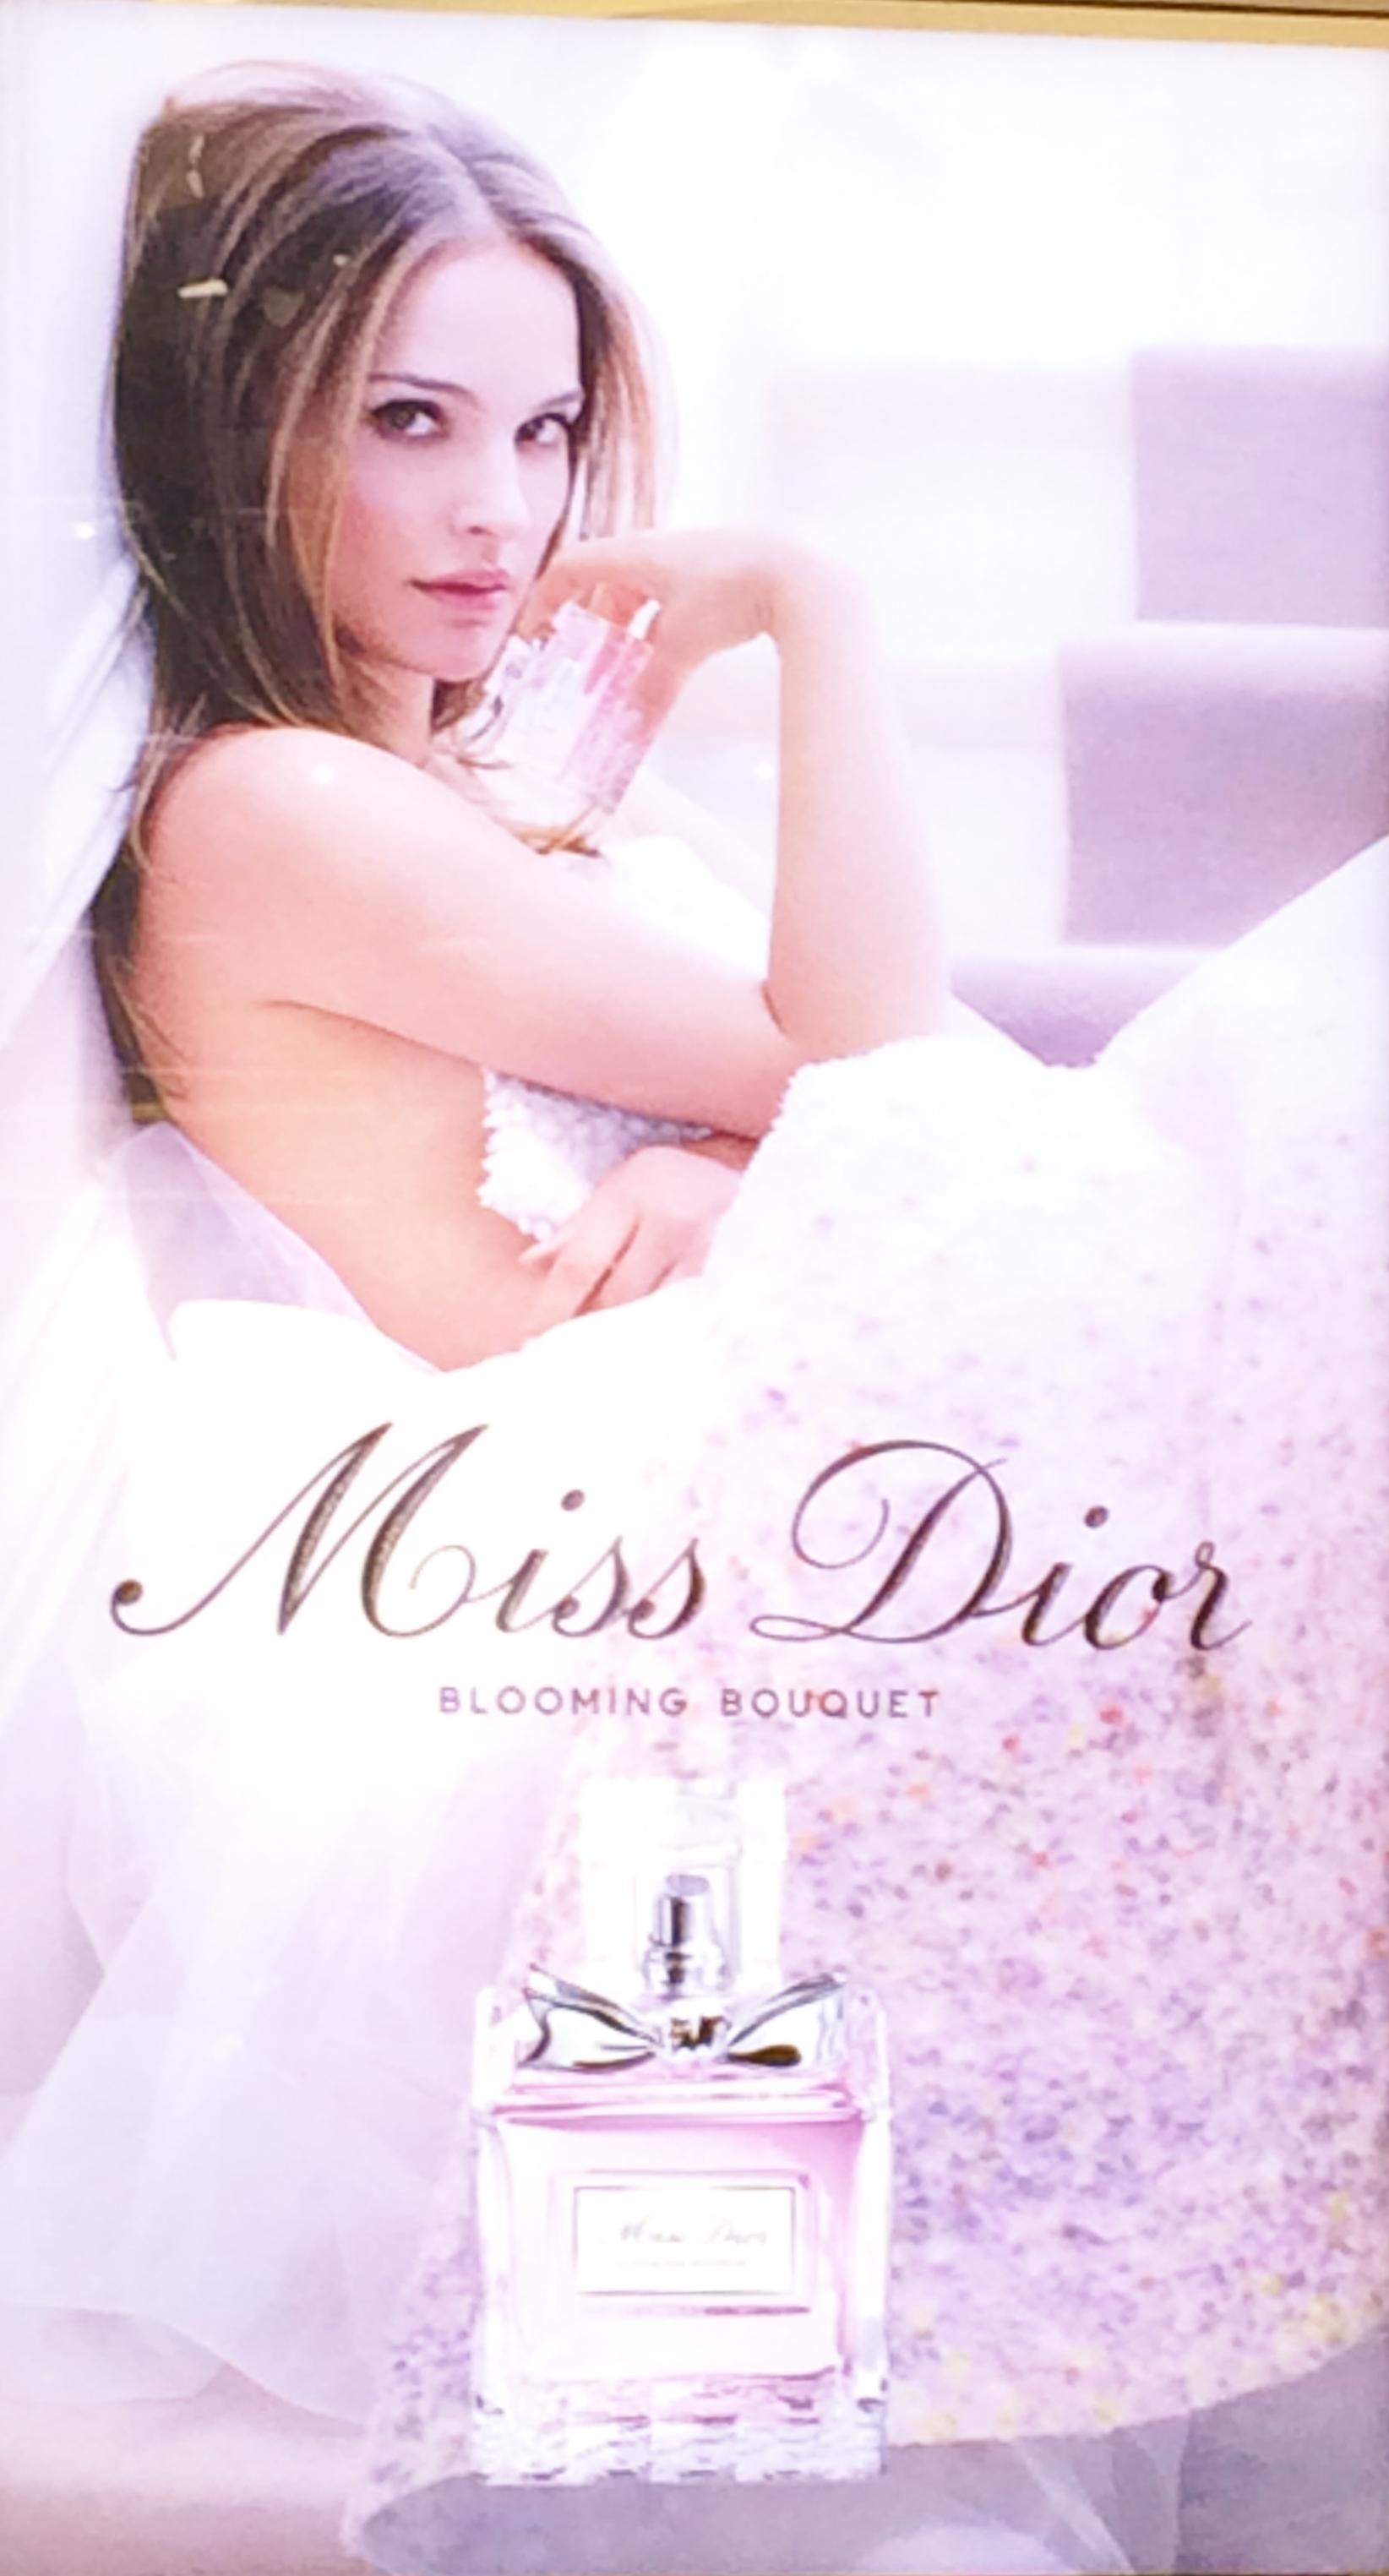 Dior at Bloomie's 040.JPG